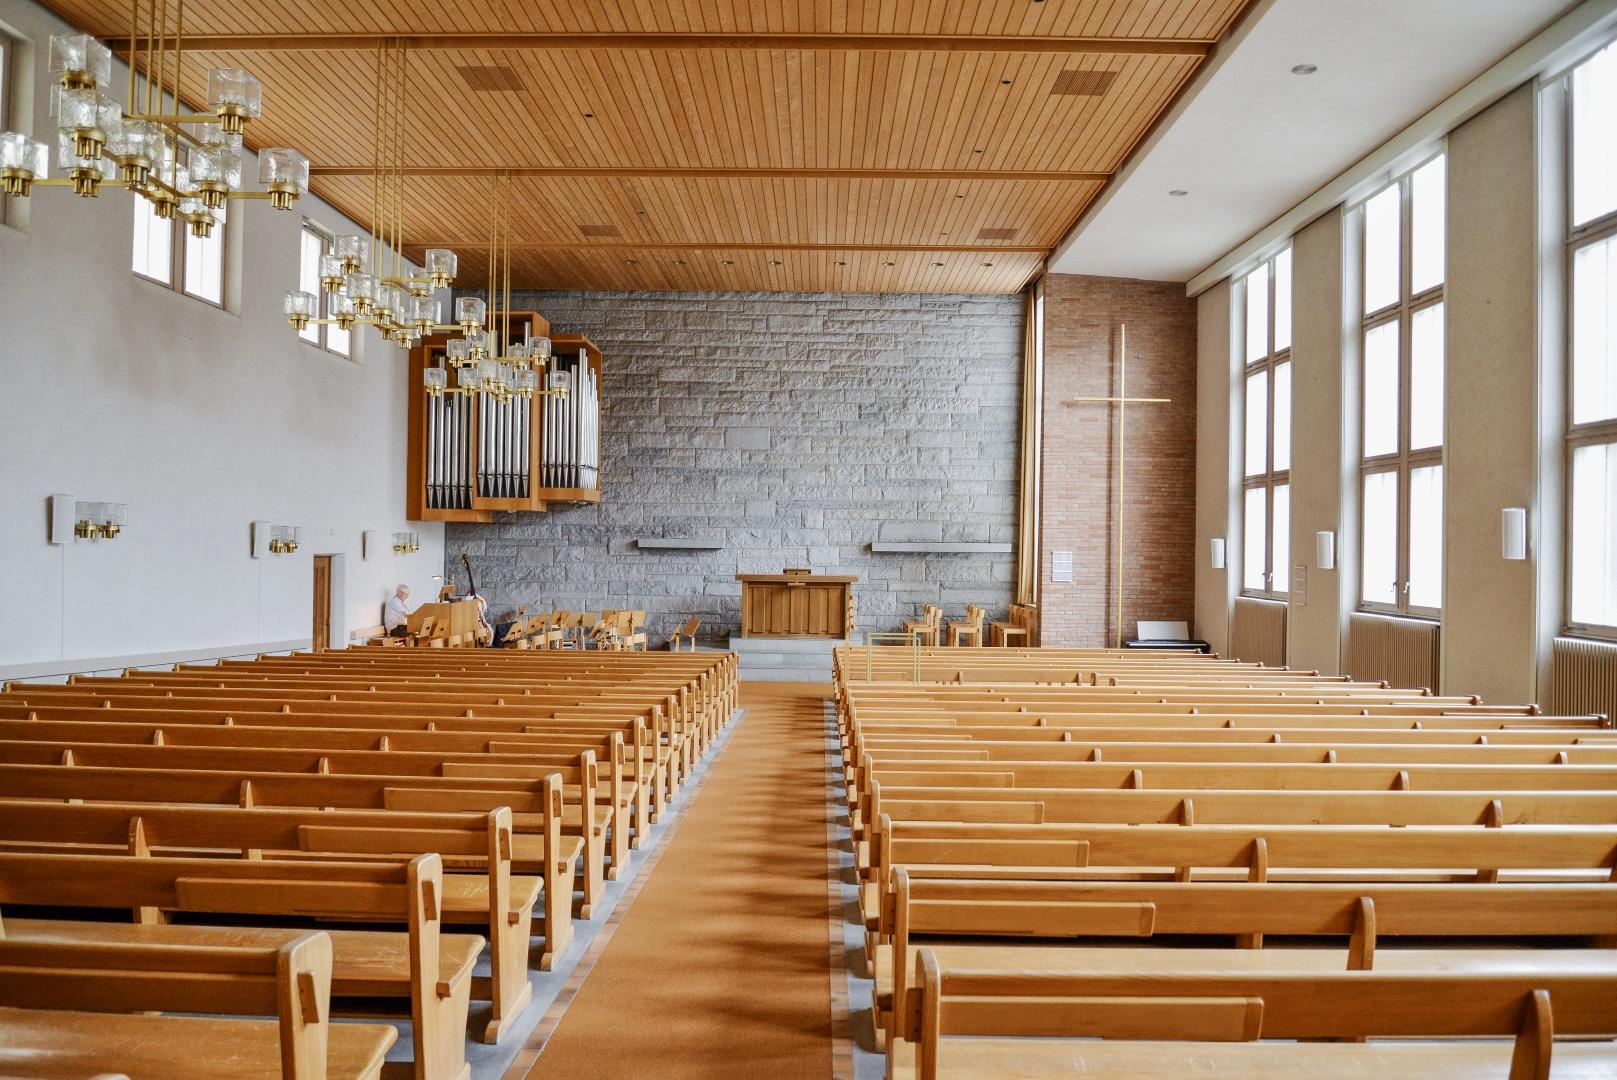 Parement en grès et en clinker, enduit  blanc, revêtement de plafond en bois laqué, tapis de sol: l'intérieur de l'église avant transformation était d'une matérialité très hétérogène contrastant avec l'actuelle matérialisation blanche et presque abstraite © Hinder Kalberer Architekten